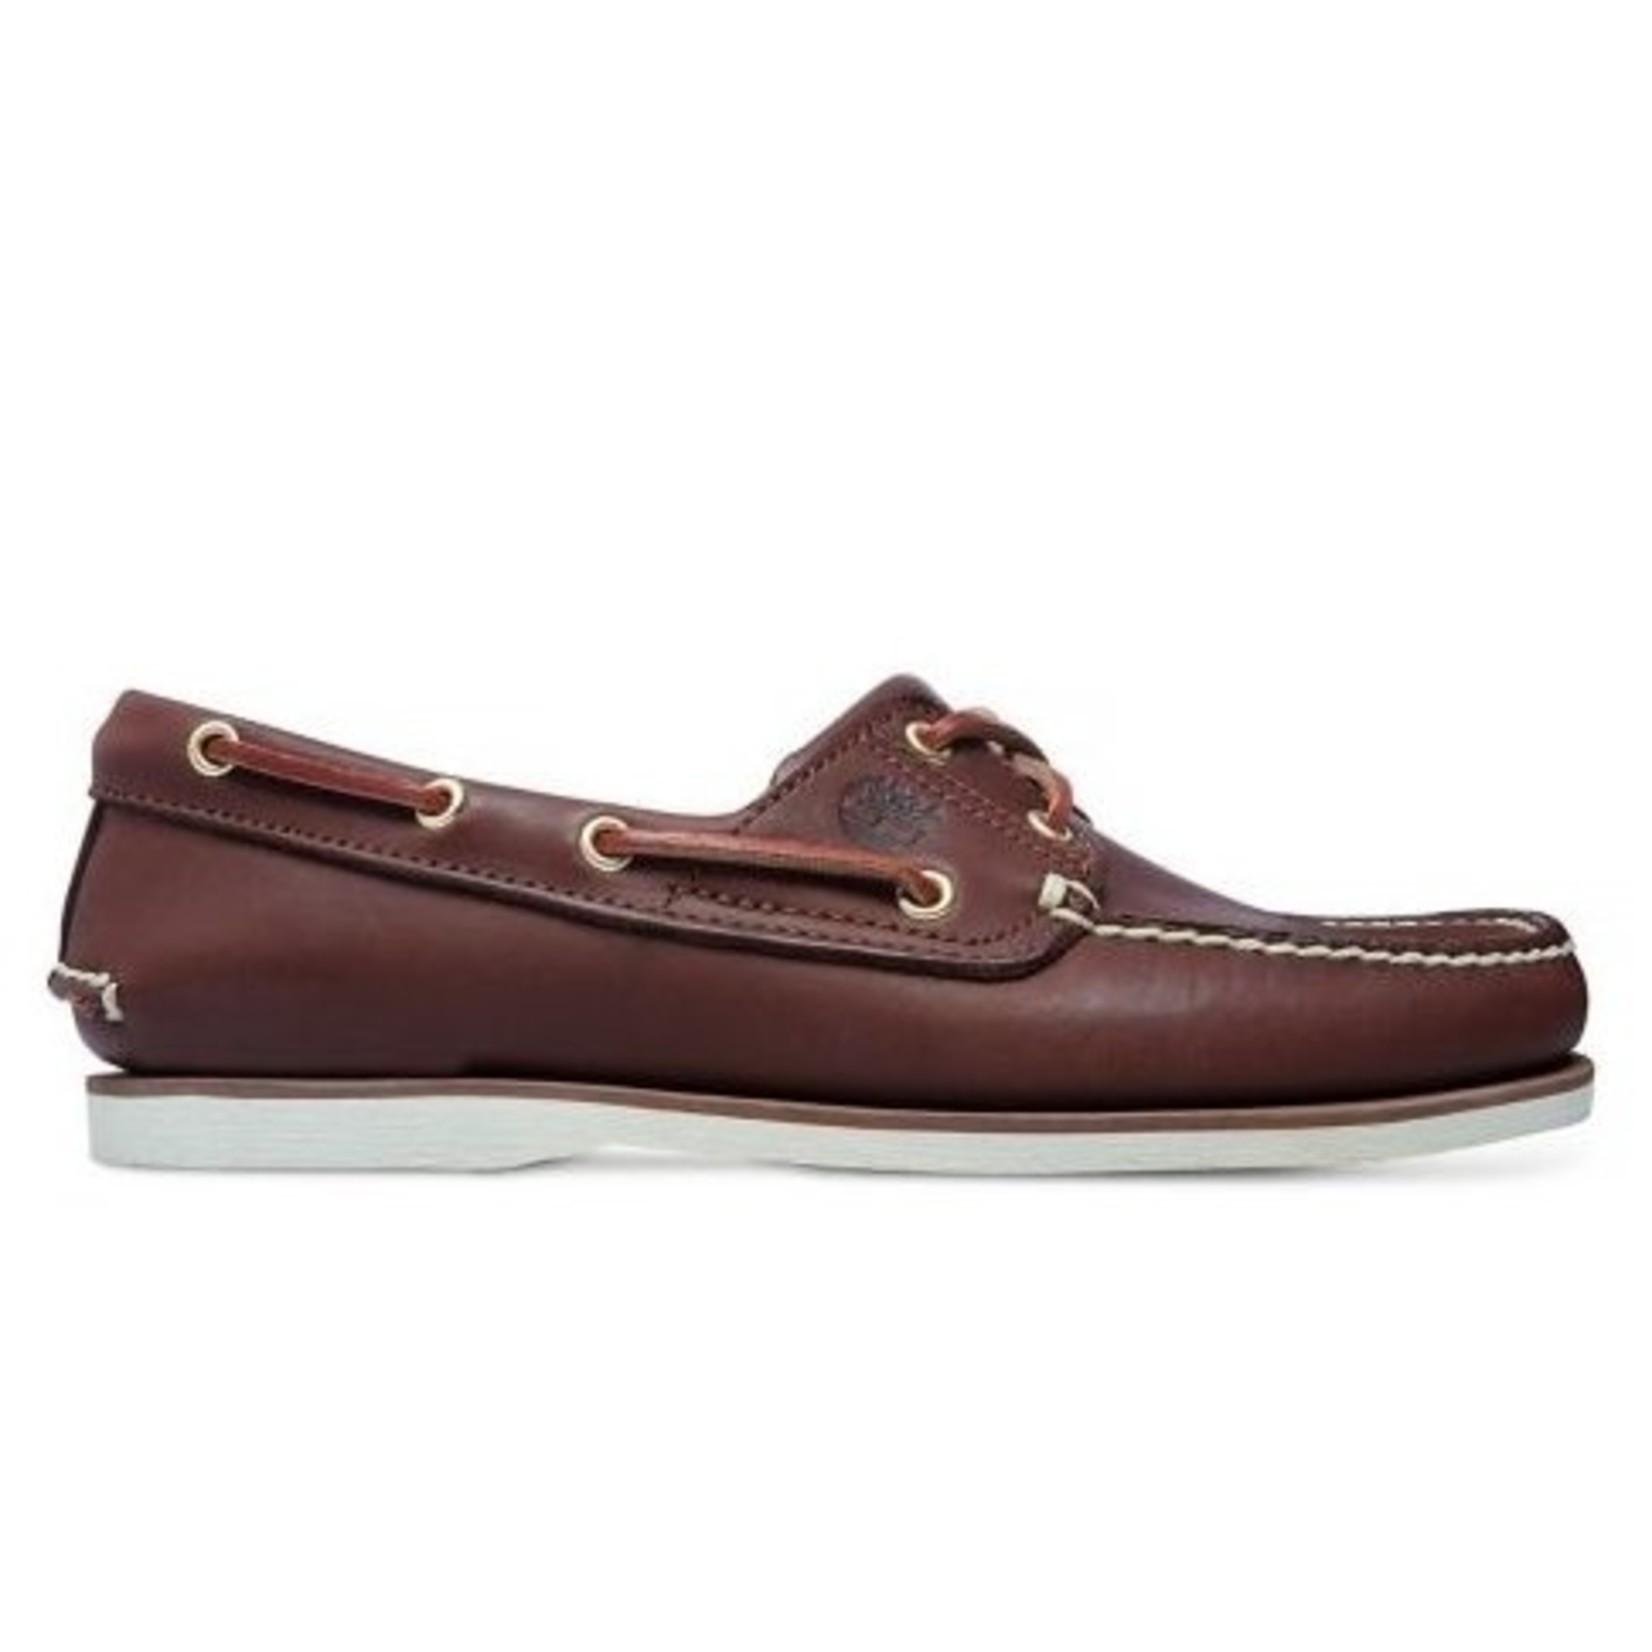 Timberland Timberland Classic 2-Eye Boat Shoe Herren